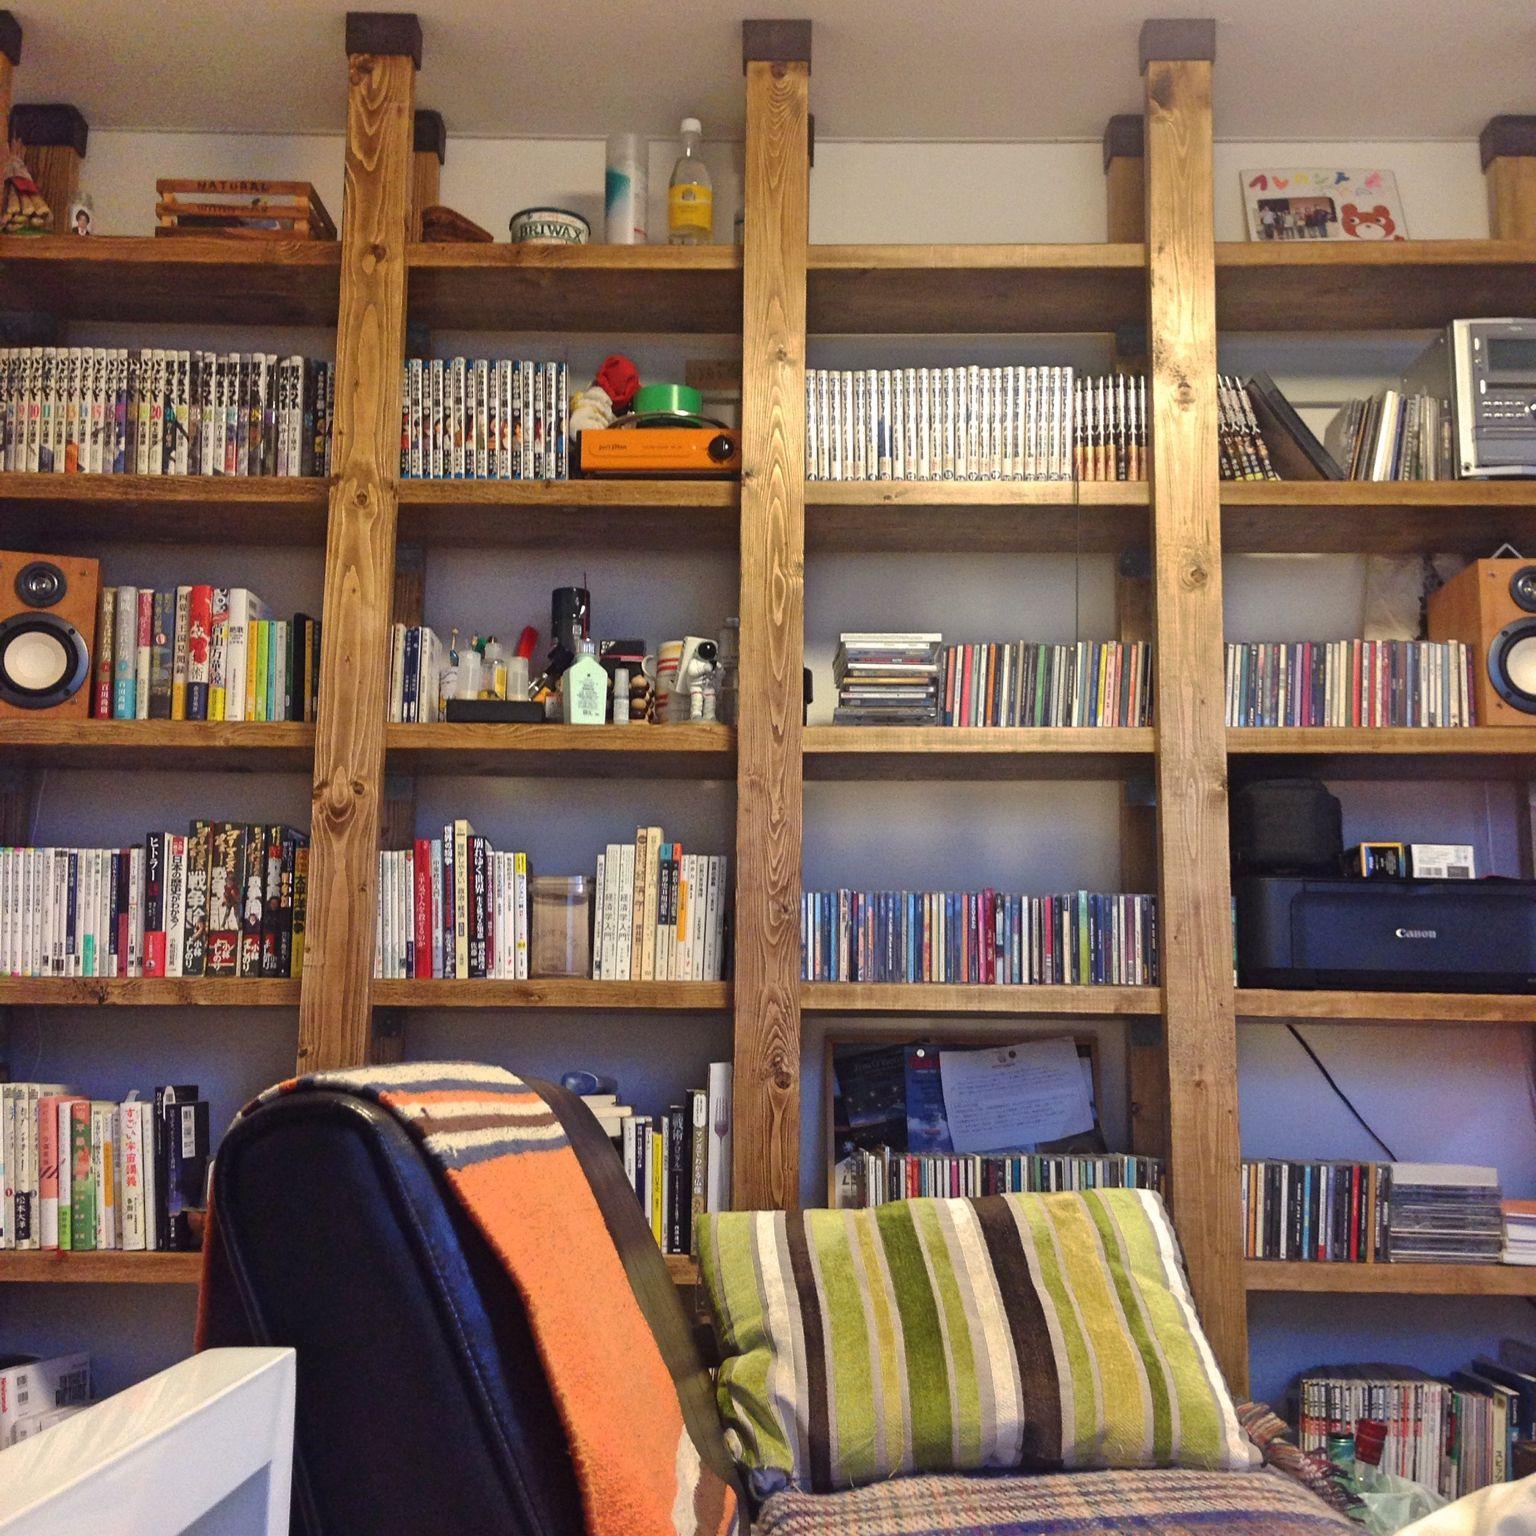 ジャコビアン 本棚 ワンルーム Diy 一人暮らし などのインテリア実例